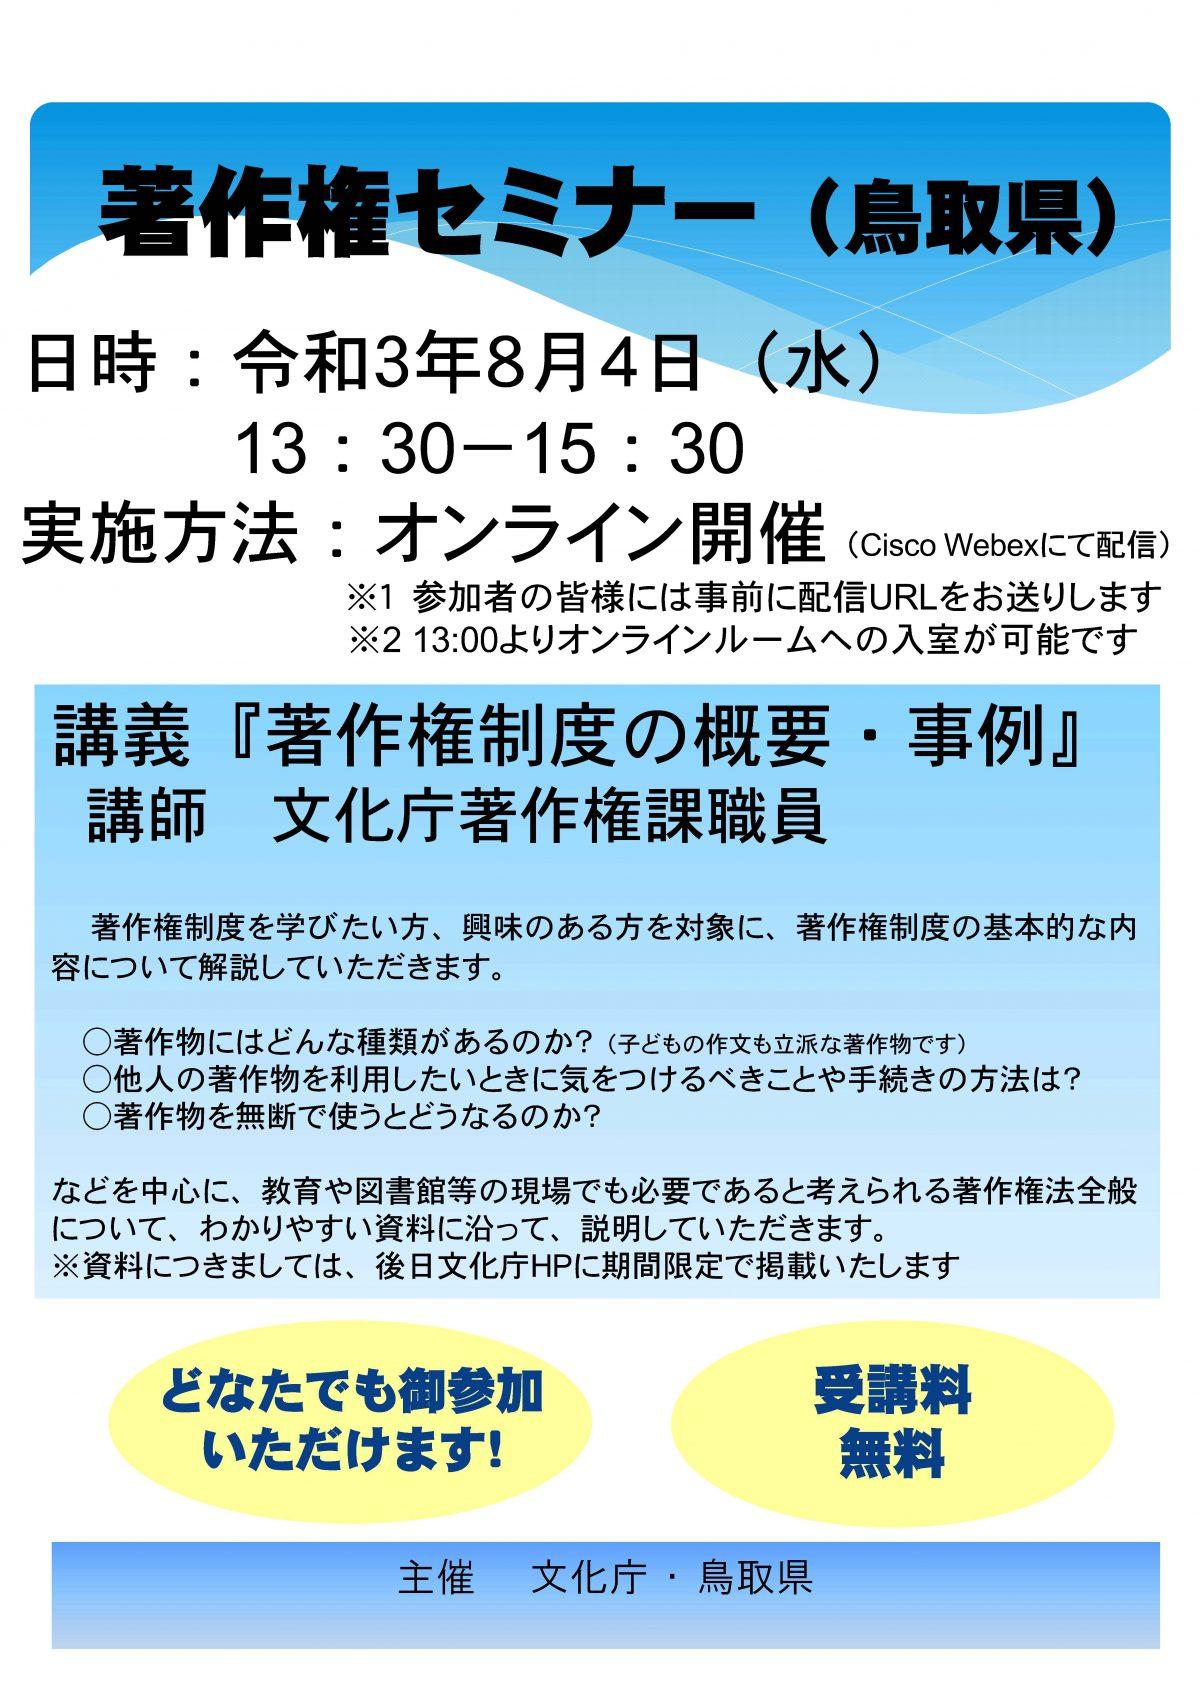 【募集は終了しました】8/4開催 令和3年度著作権セミナーについて(オンライン開催)